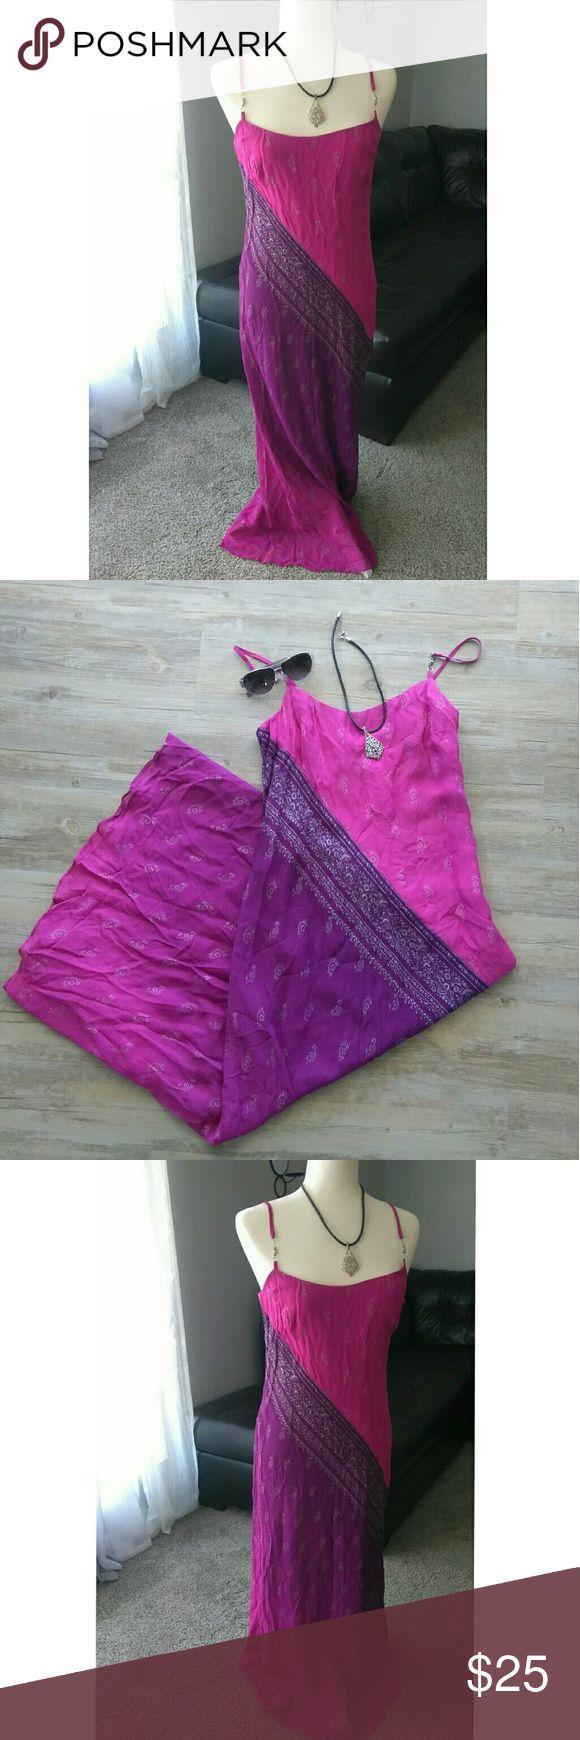 I just added this listing on Poshmark: Beautiful Bandana Boho Dress. #shopmycloset #poshmark #fashion #shopping #style #forsale #Boheme #Dresses & Skirts